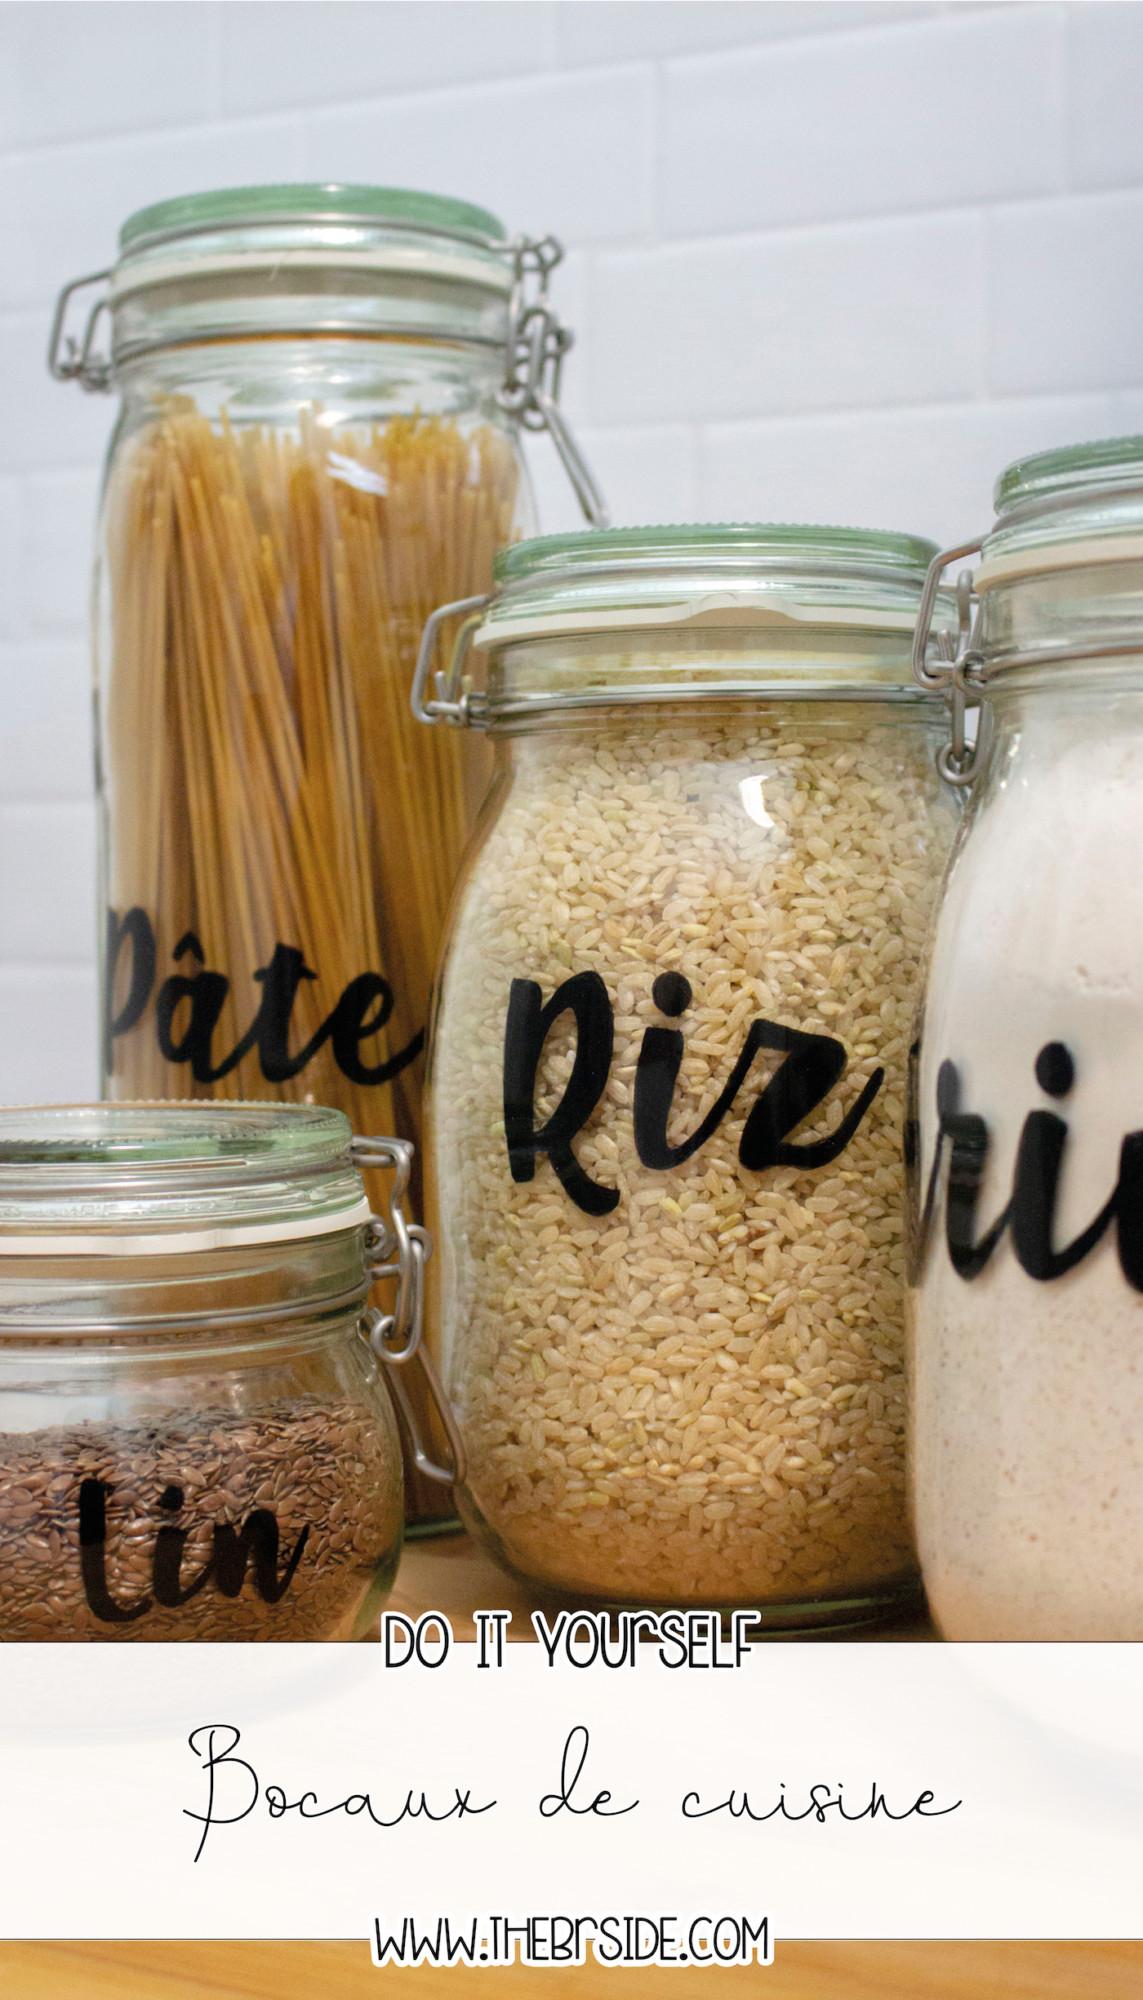 Pinterest The Bright Side - Bocaux de cuisine